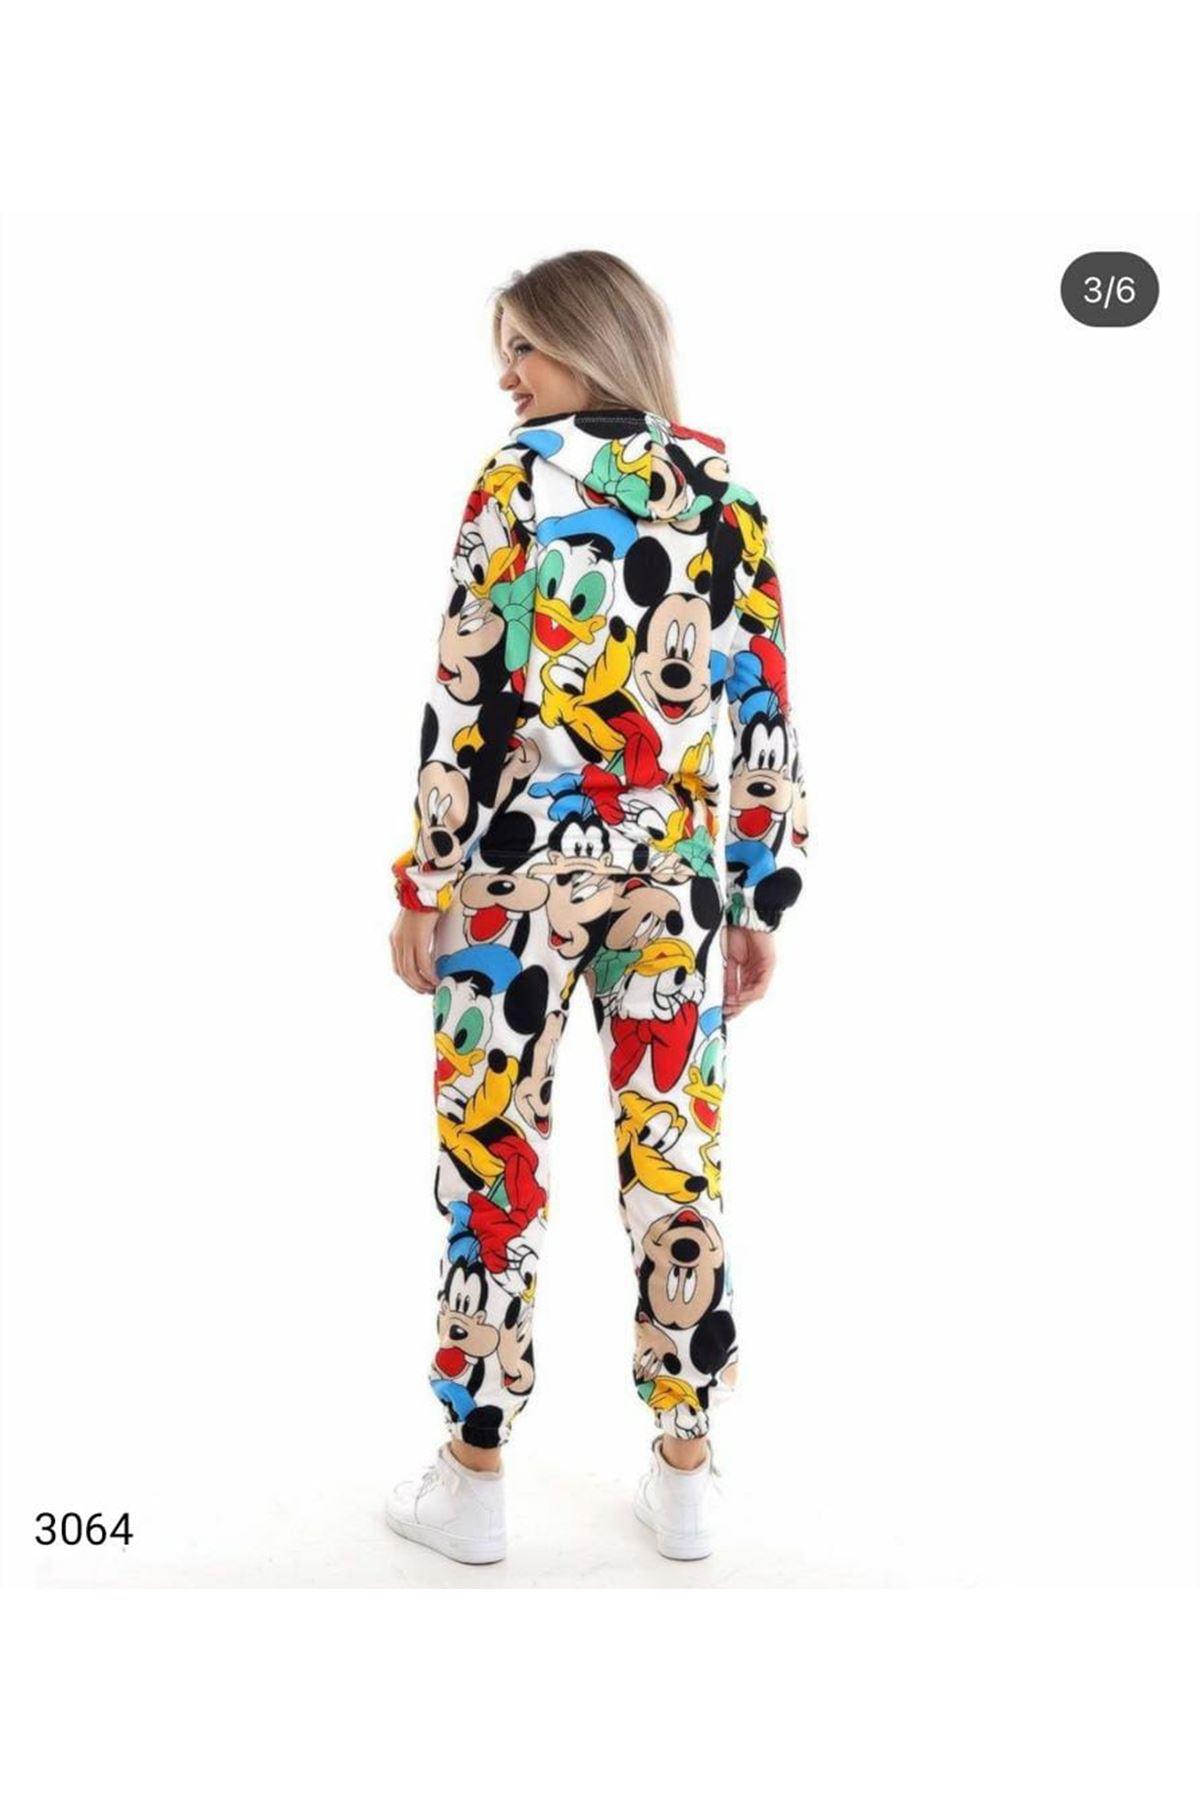 Çizgi Karakter Pijama Takımı - Multi